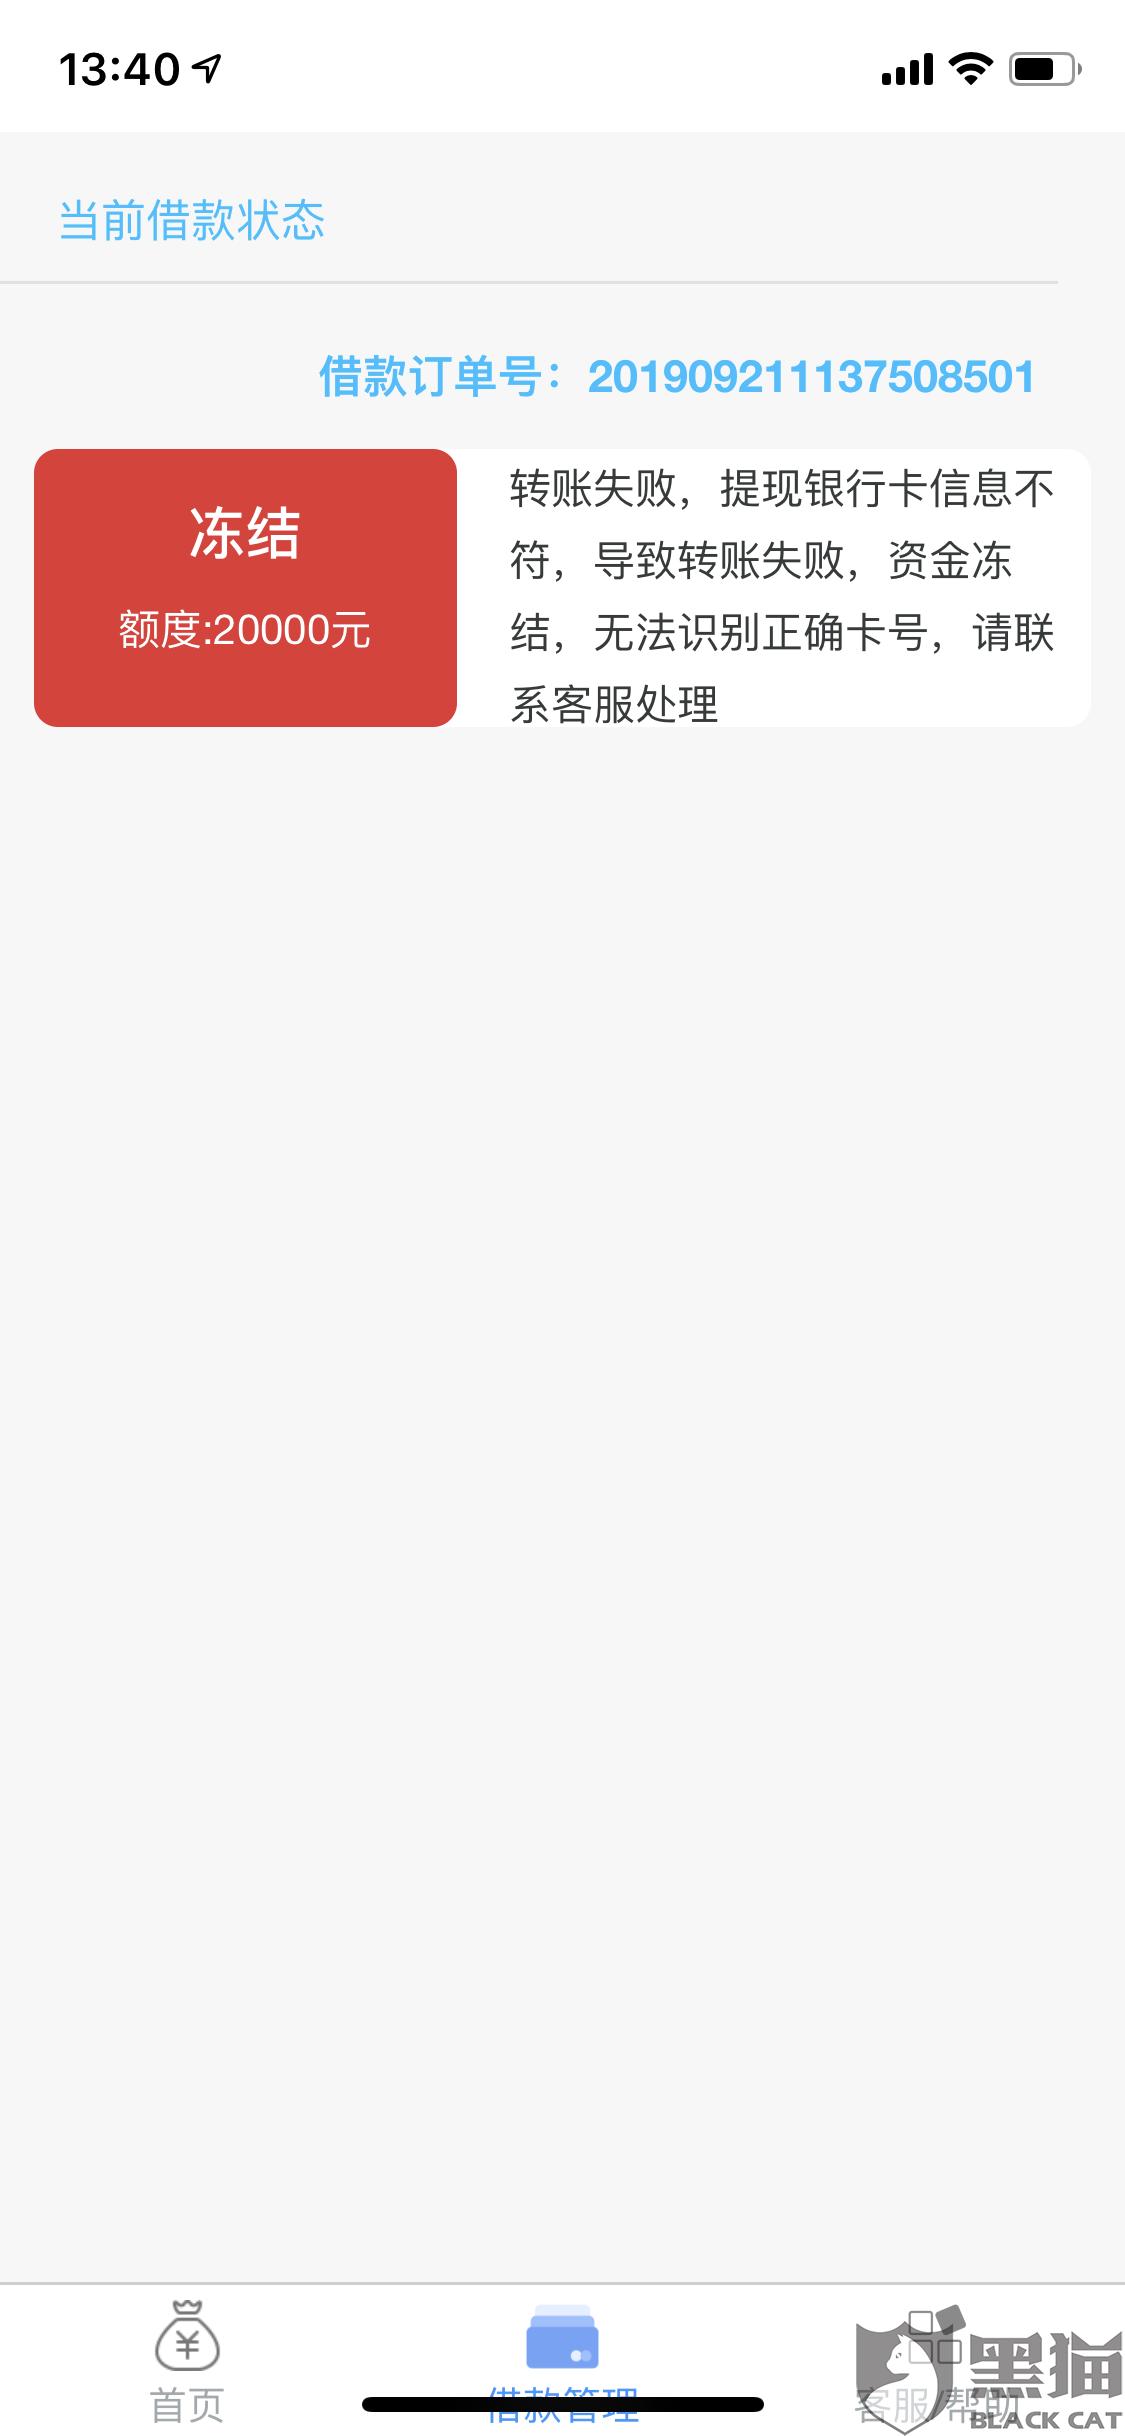 黑猫投诉:上海淇毓信息科技有限公司号称360借条要求我转账1000块作为借款工本费拒绝放款